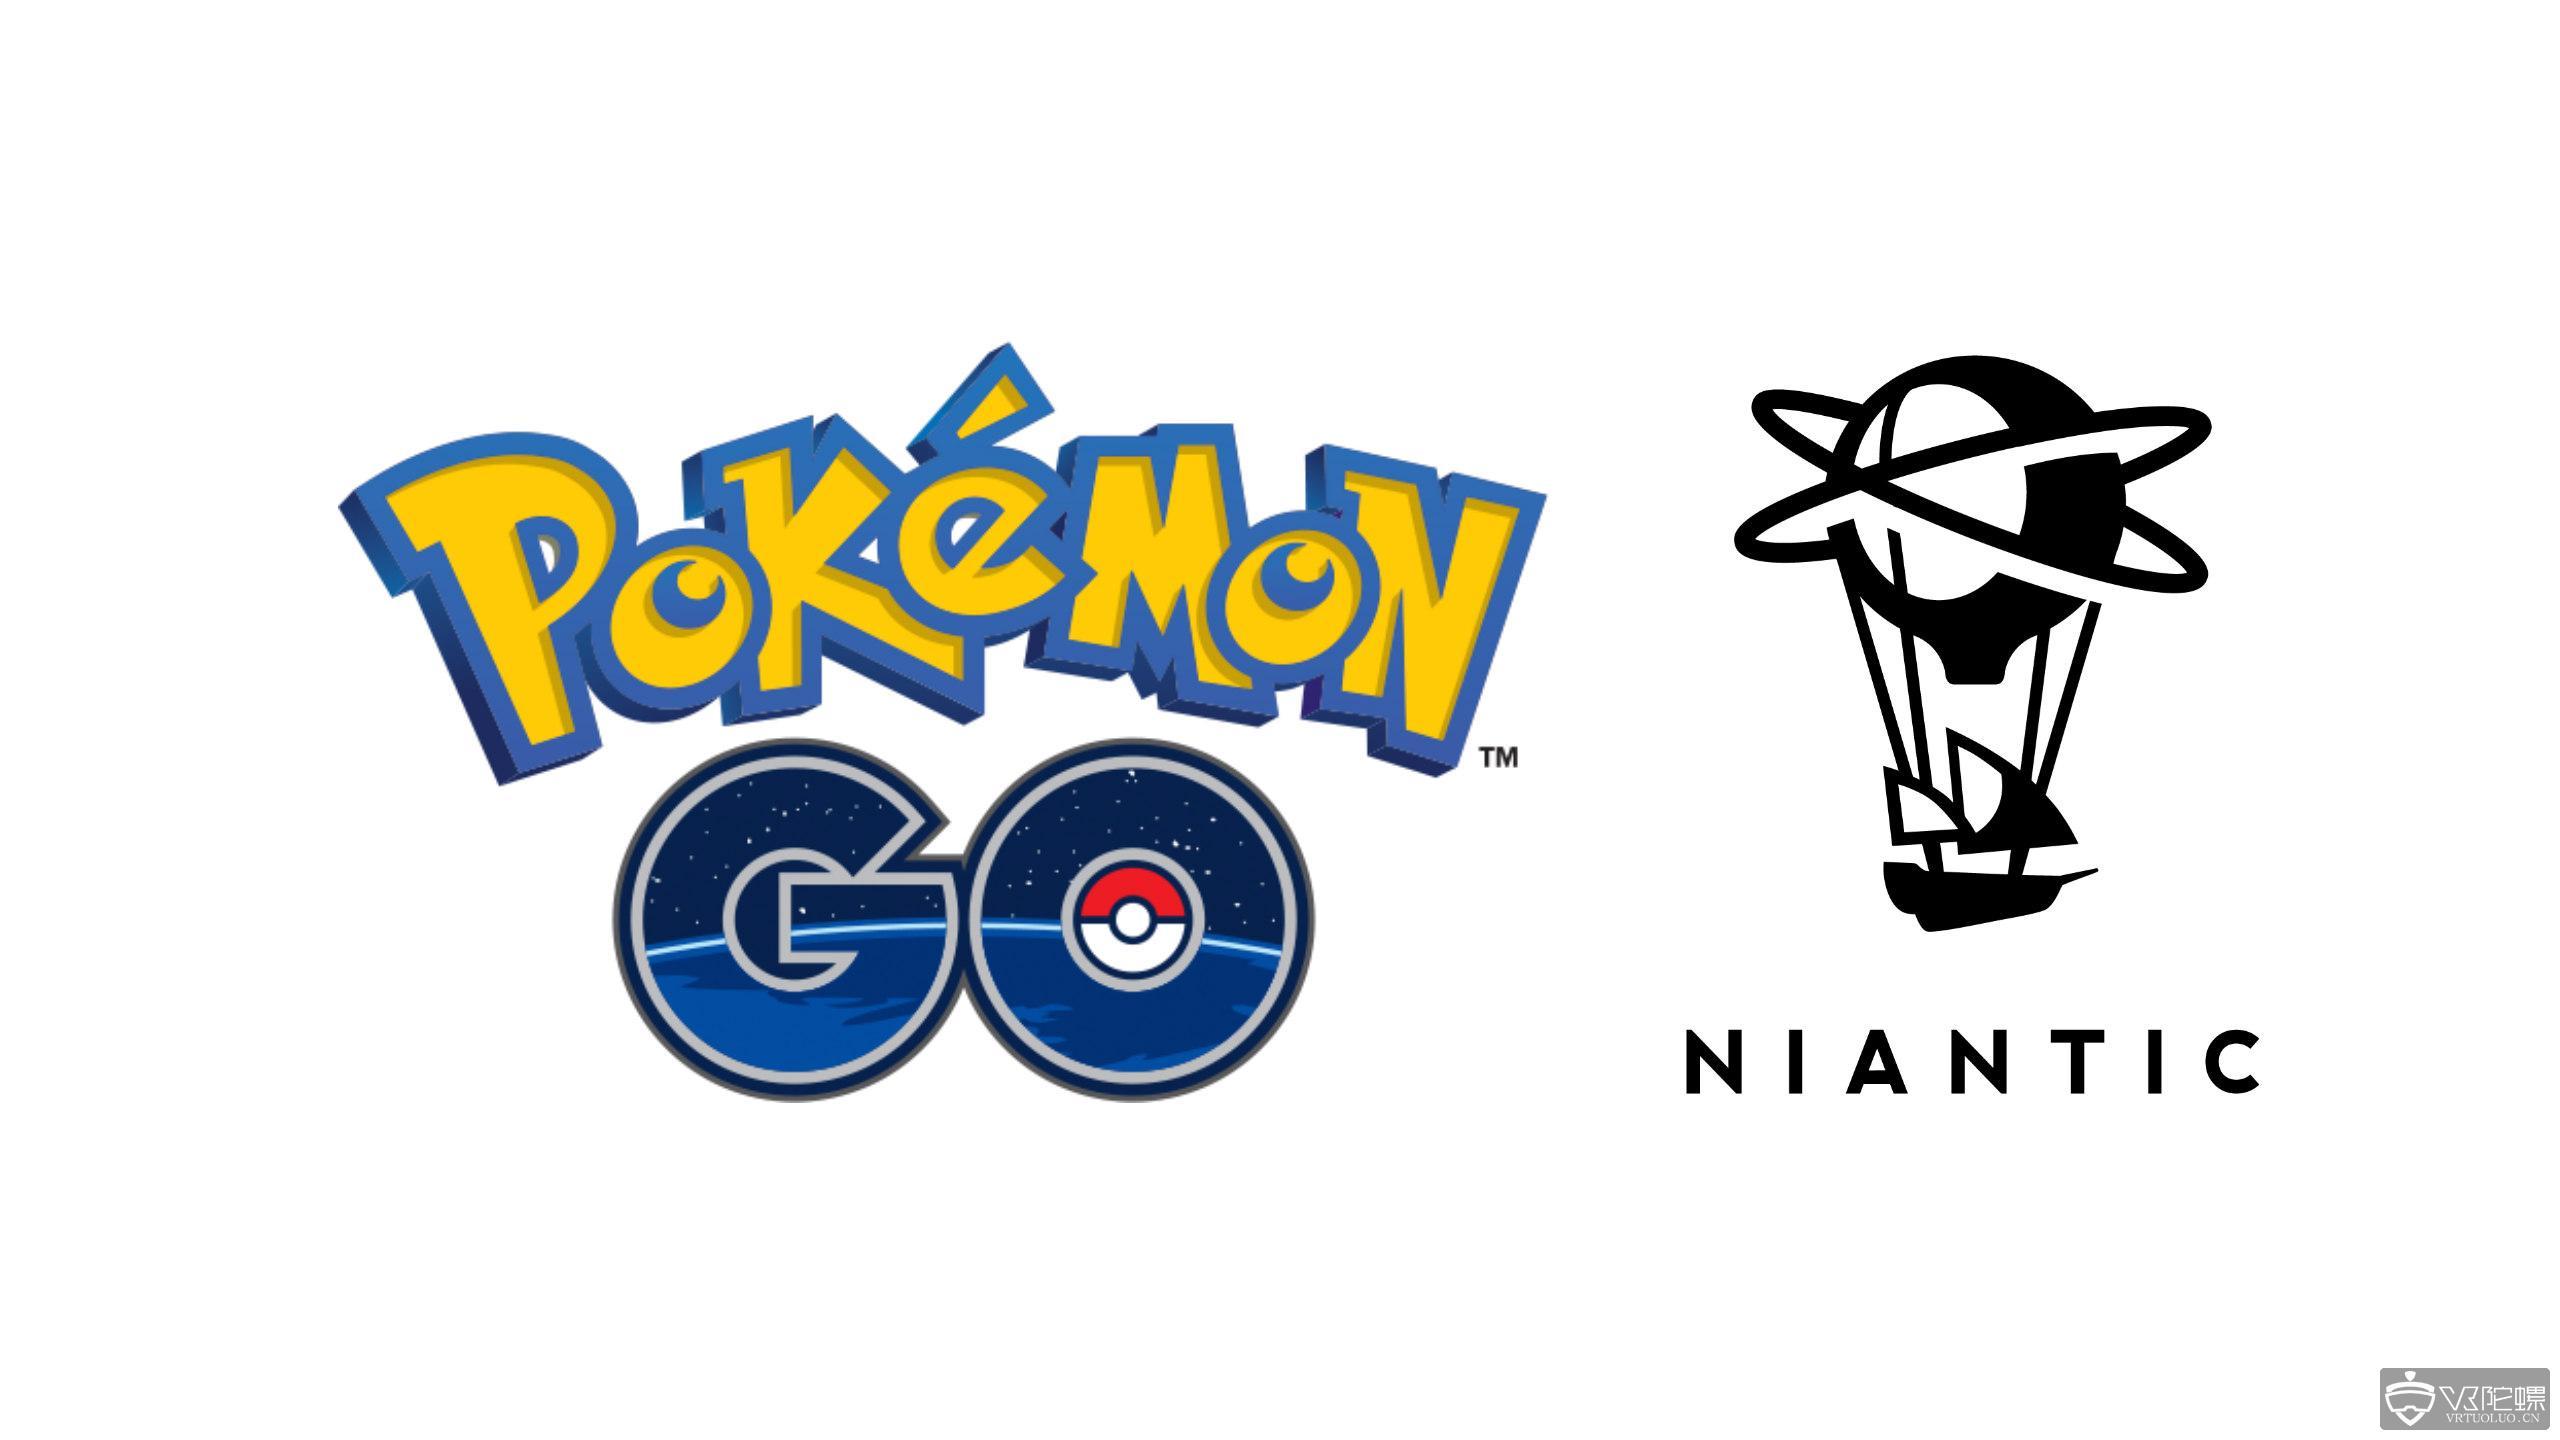 《Pokemon Go》营收达18亿美元,日营收达到200万美元